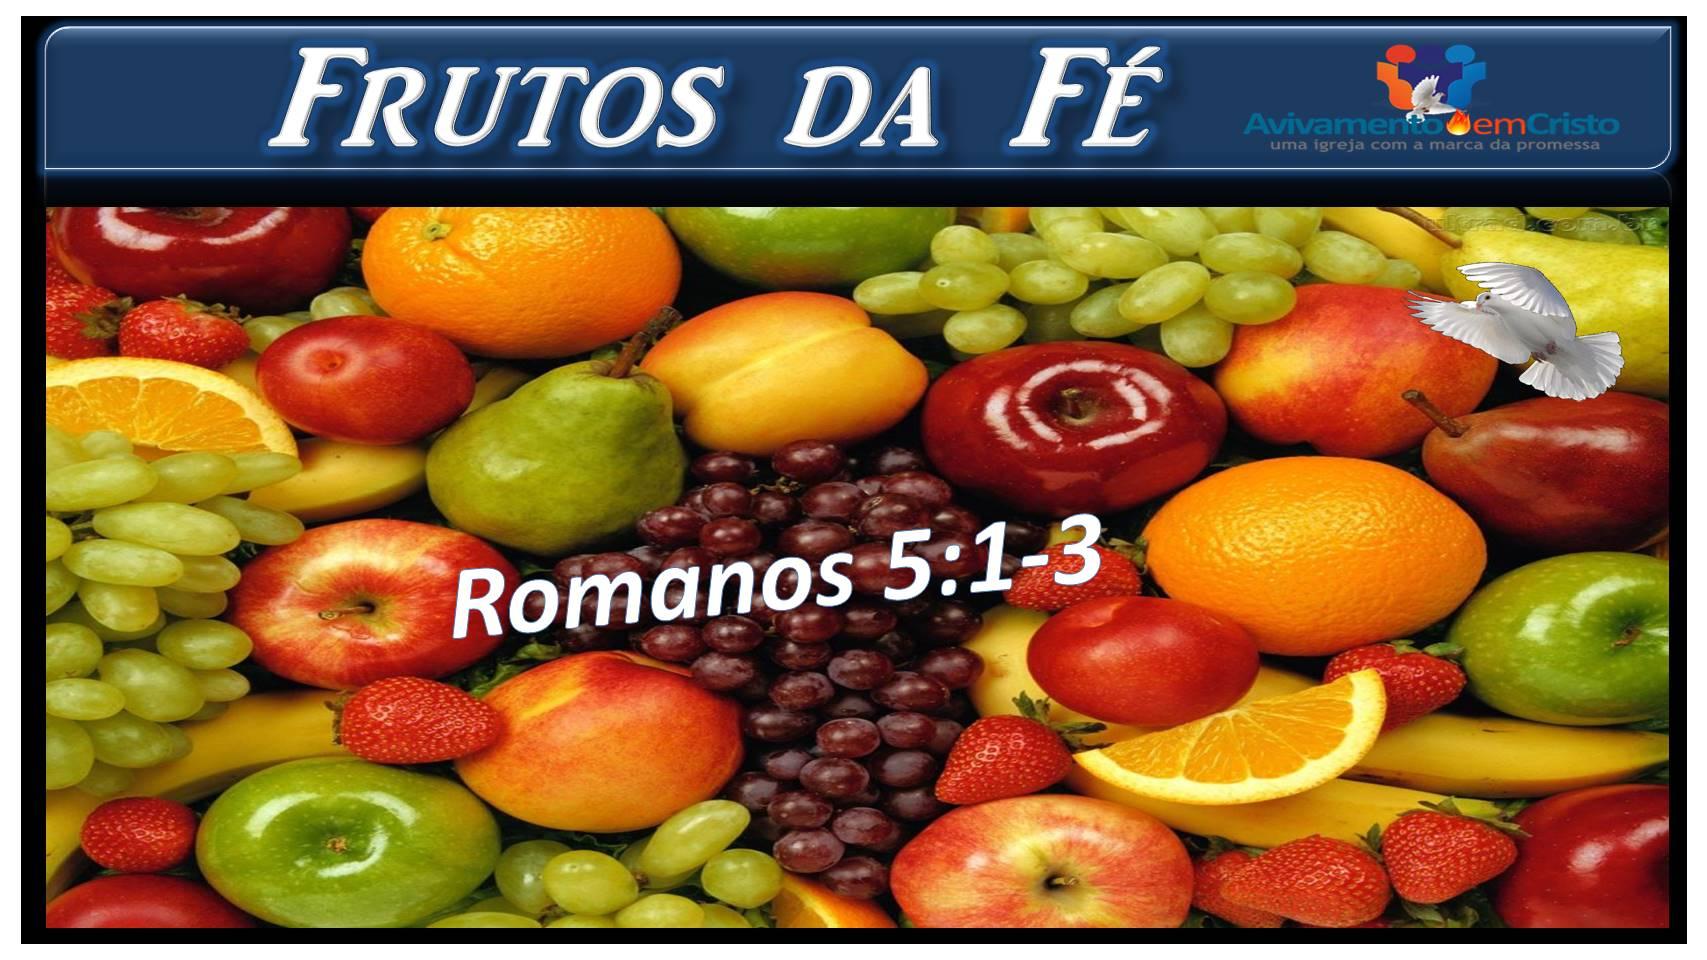 frutos da fé